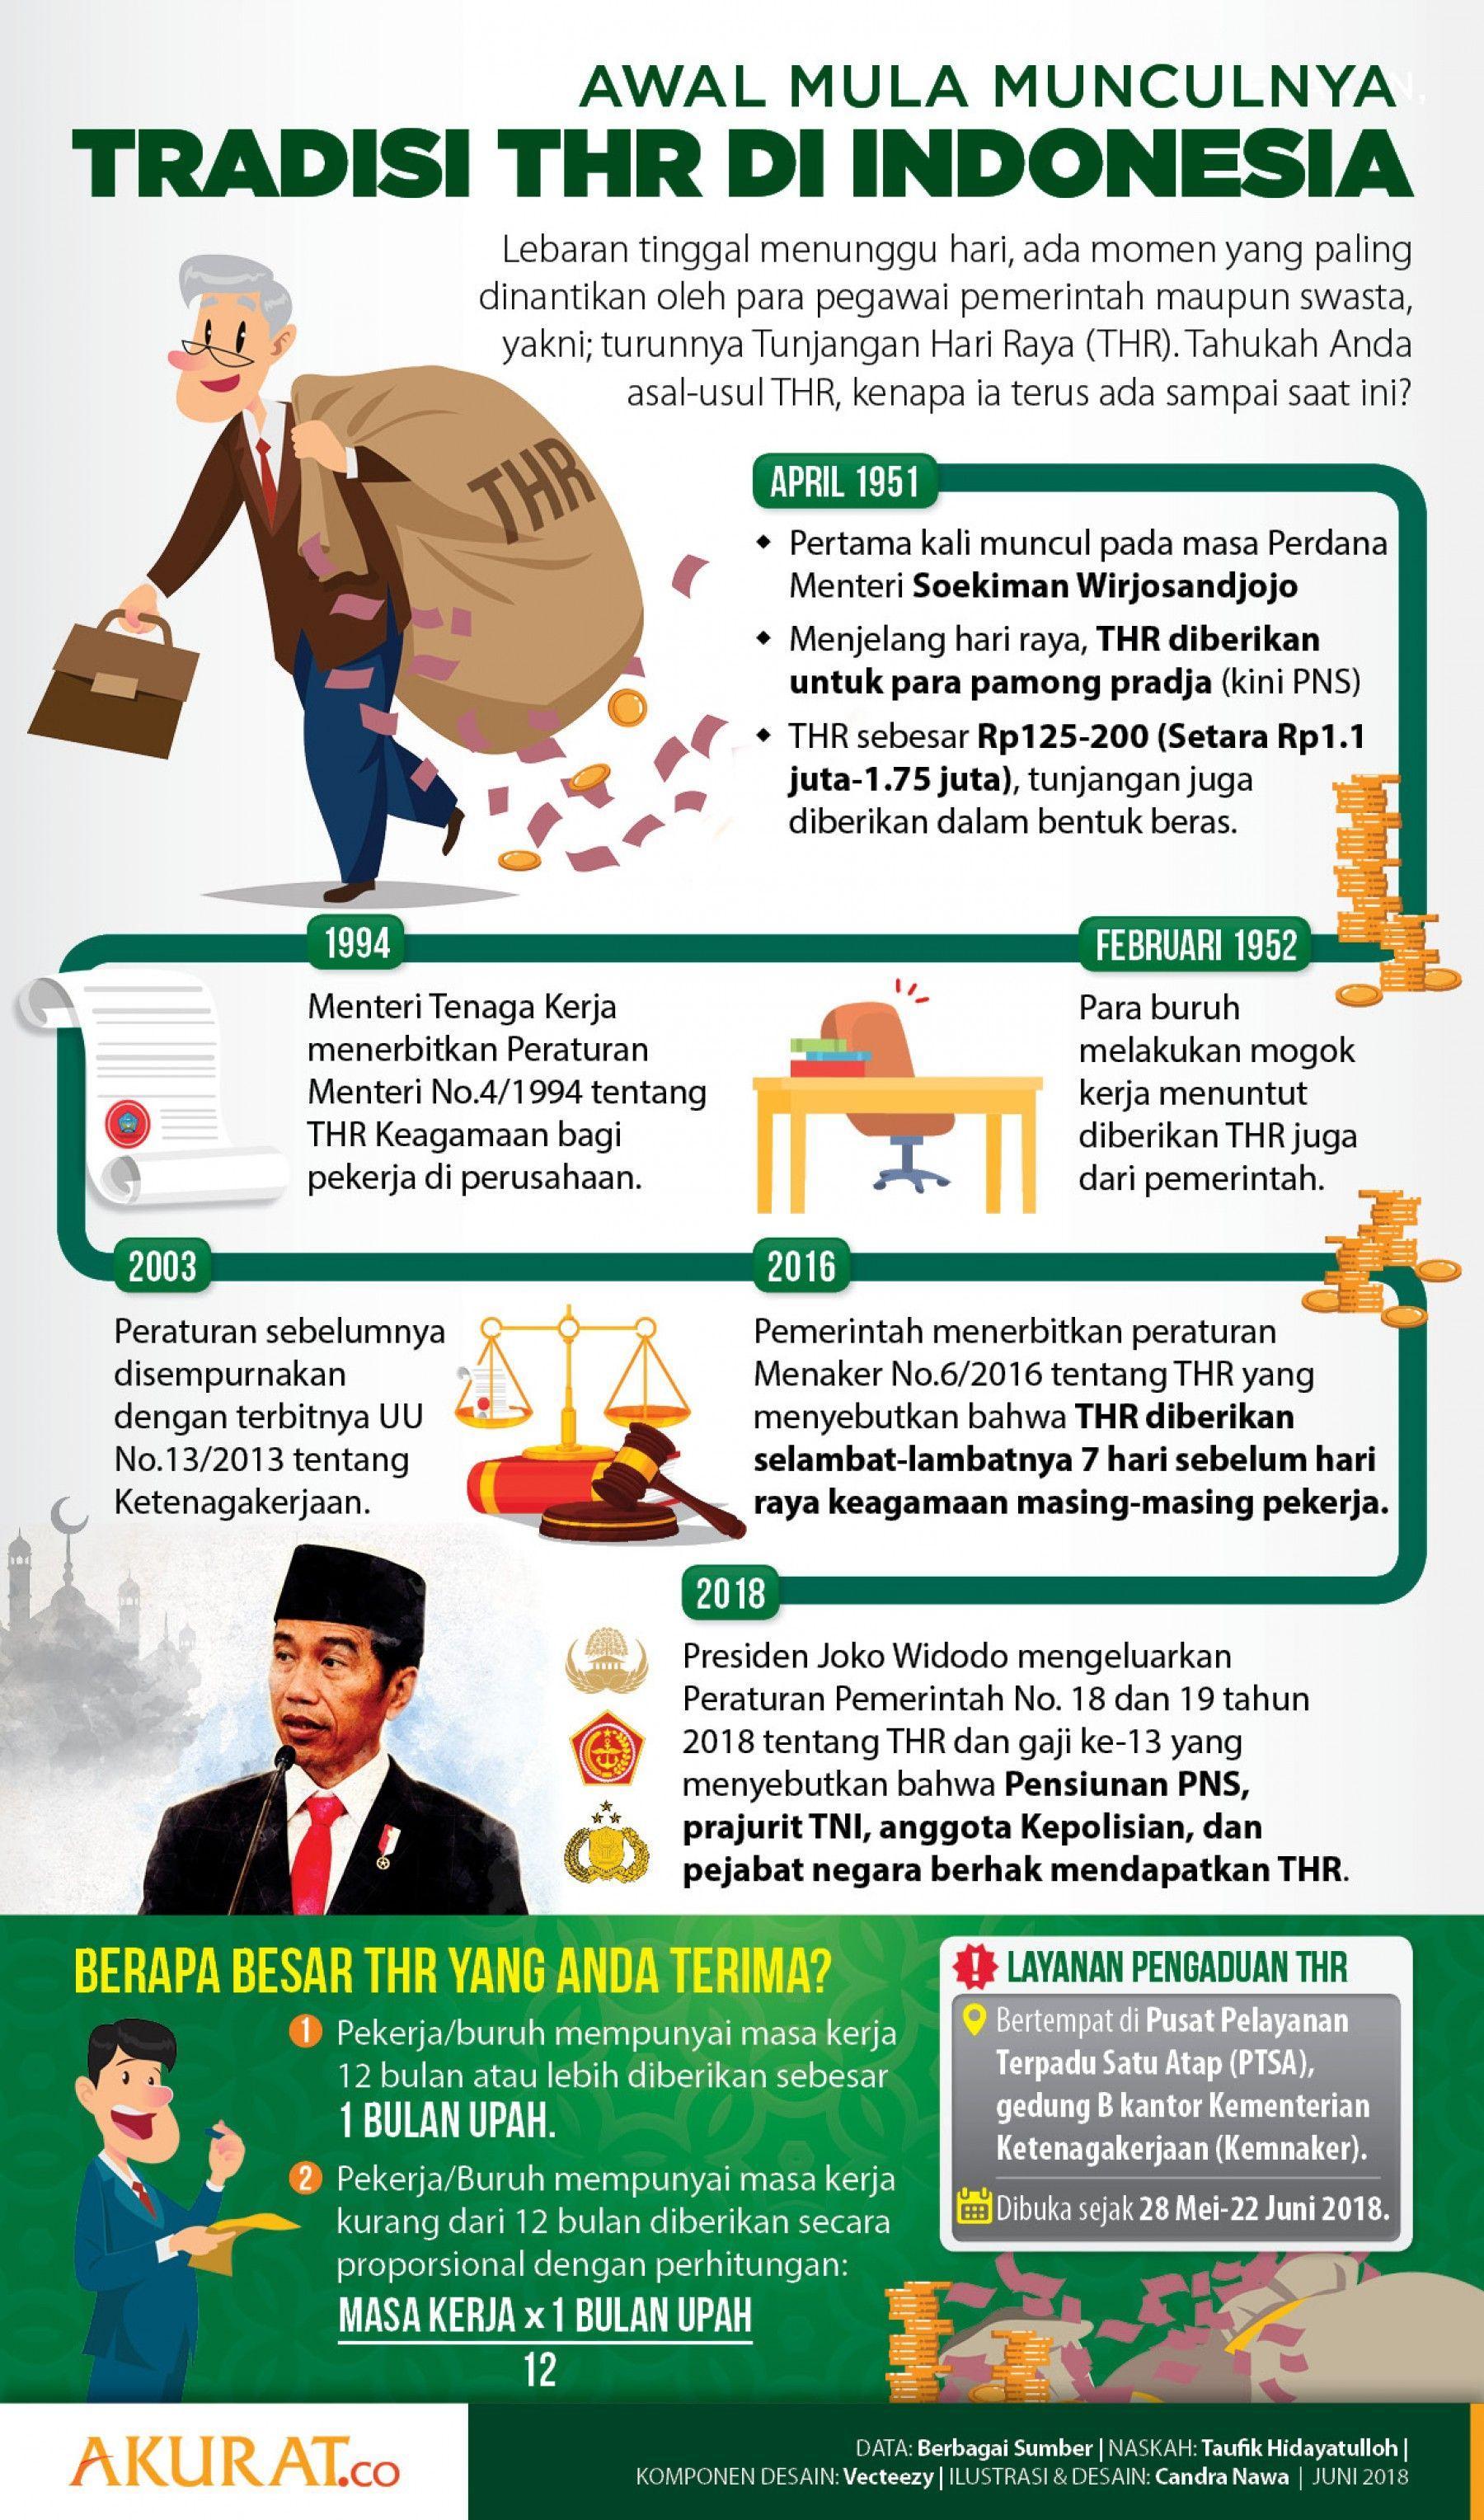 Sejarah Tradisi THR Di Indonesia Infografis, Pemerintah